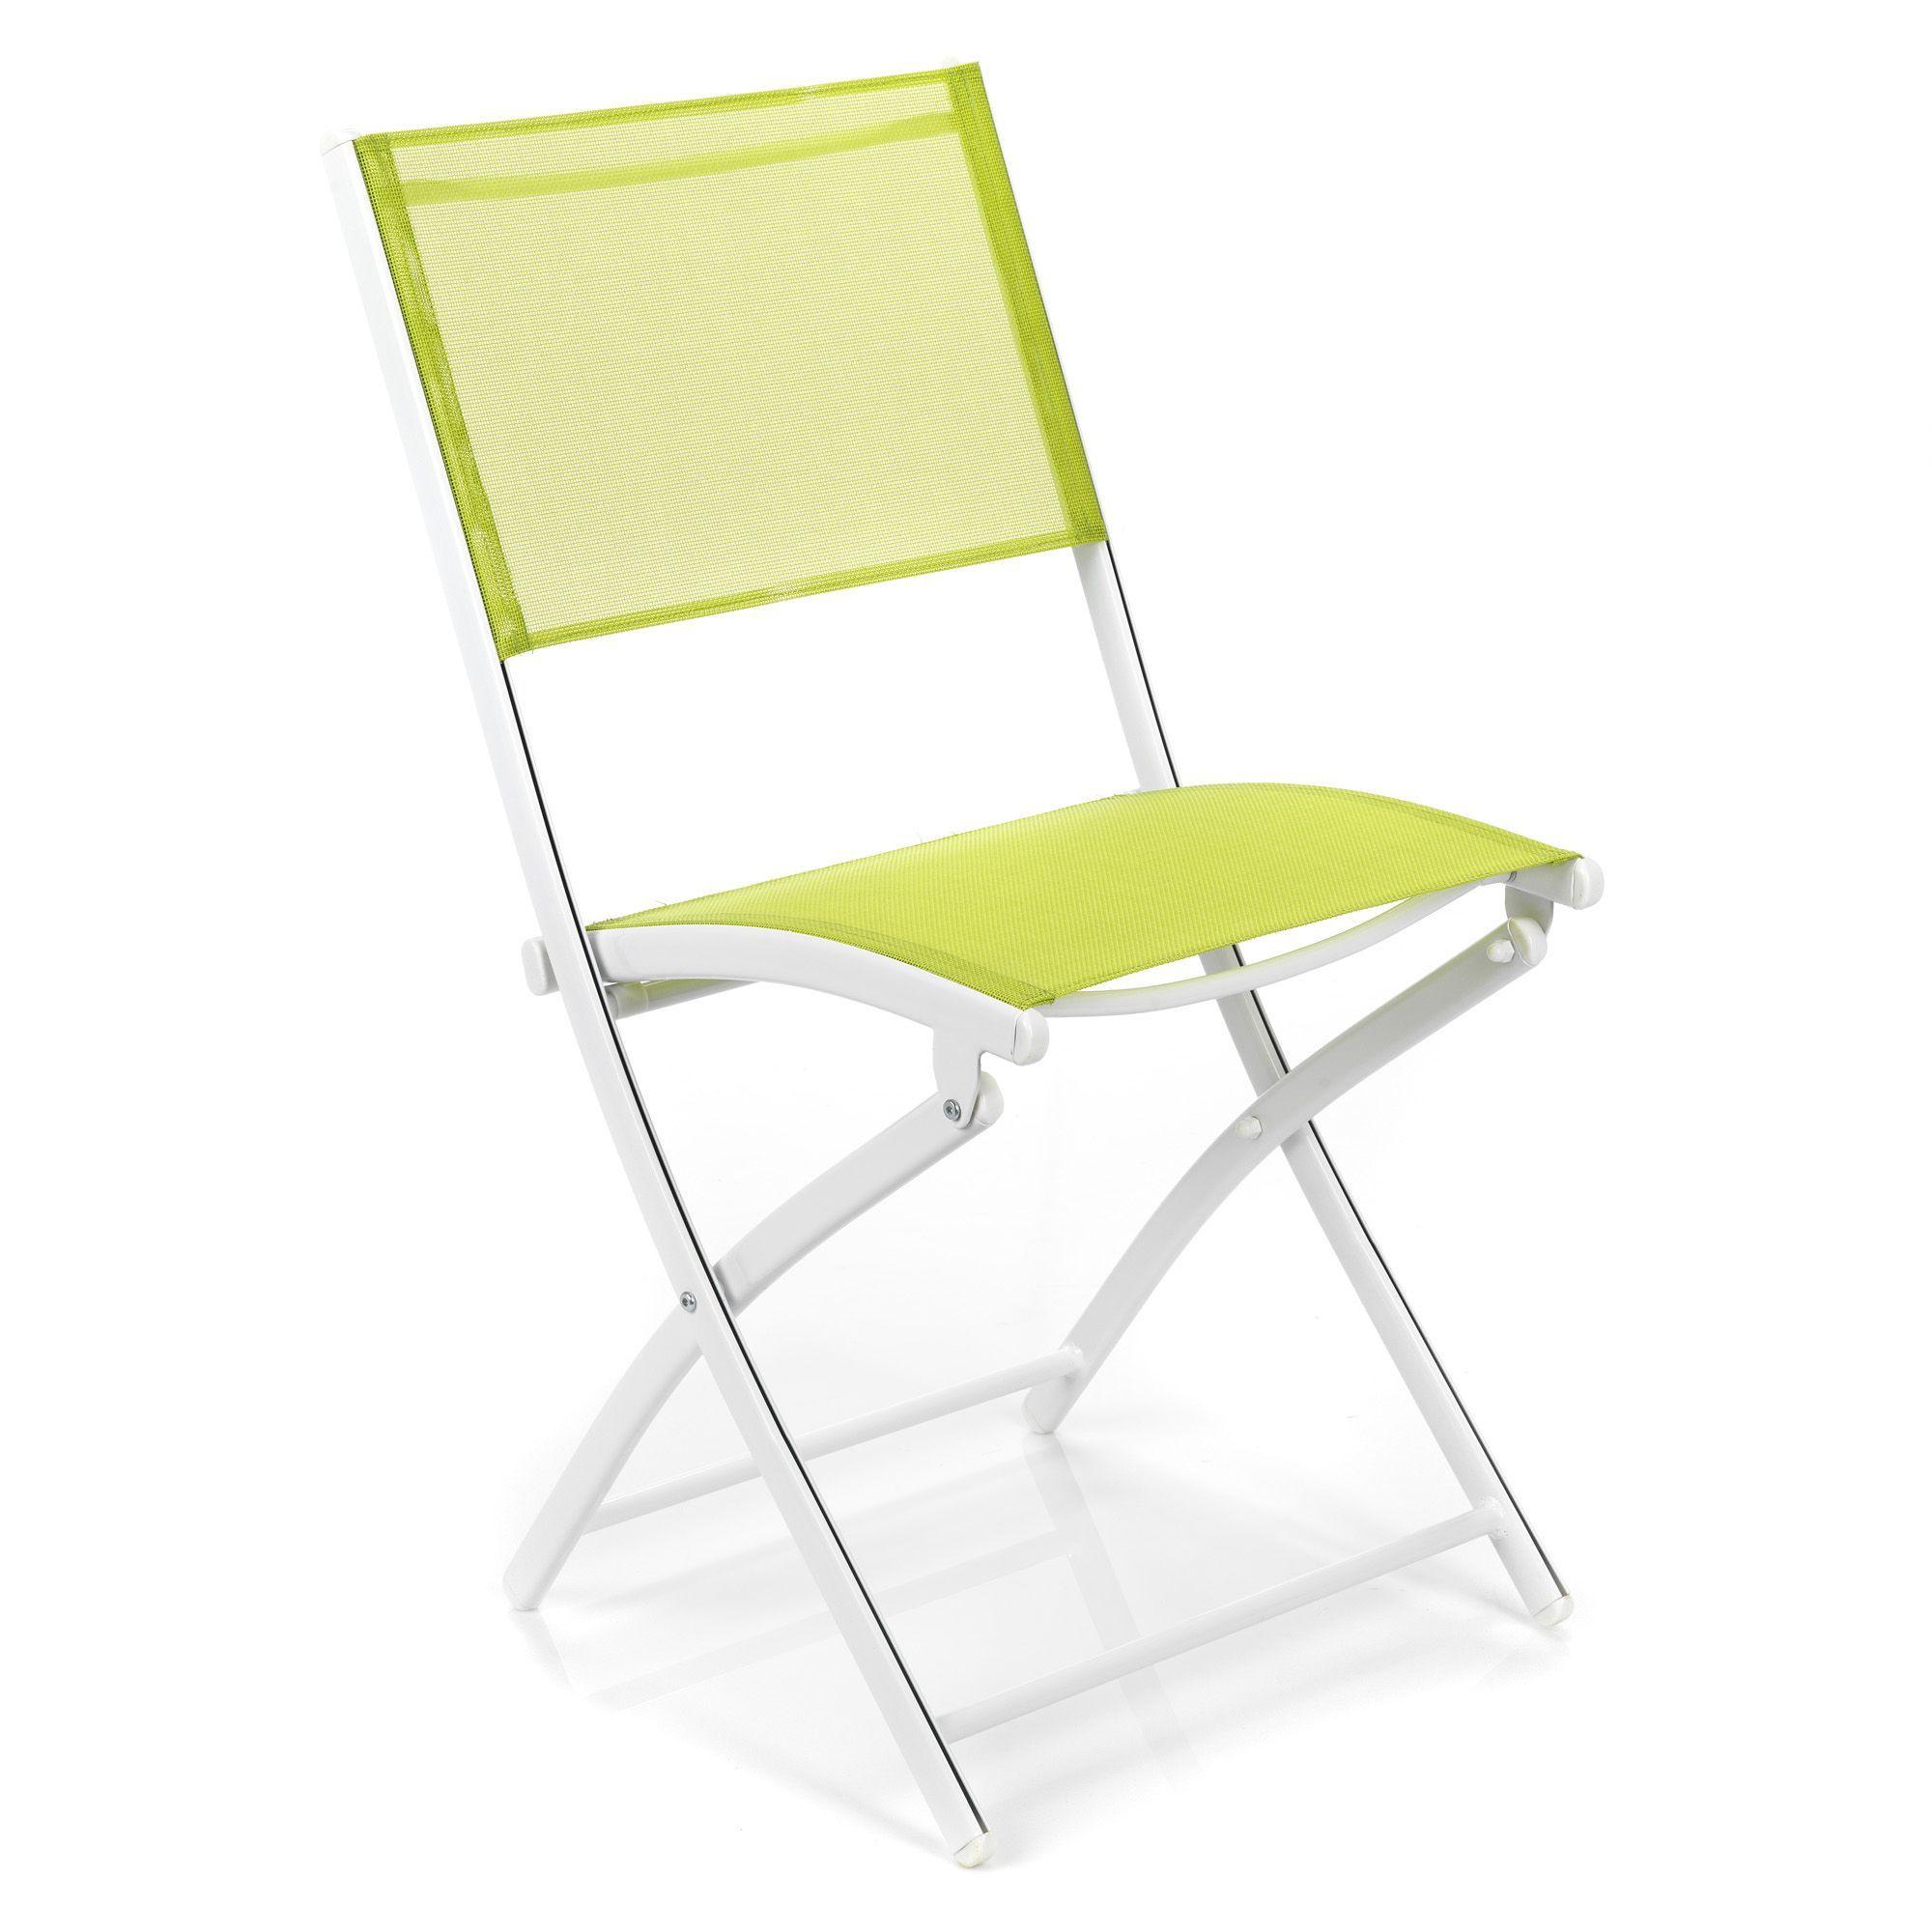 Chaise Pliante De Jardin Blanc Et Vert Structure Blanche ... tout Table De Jardin Verte